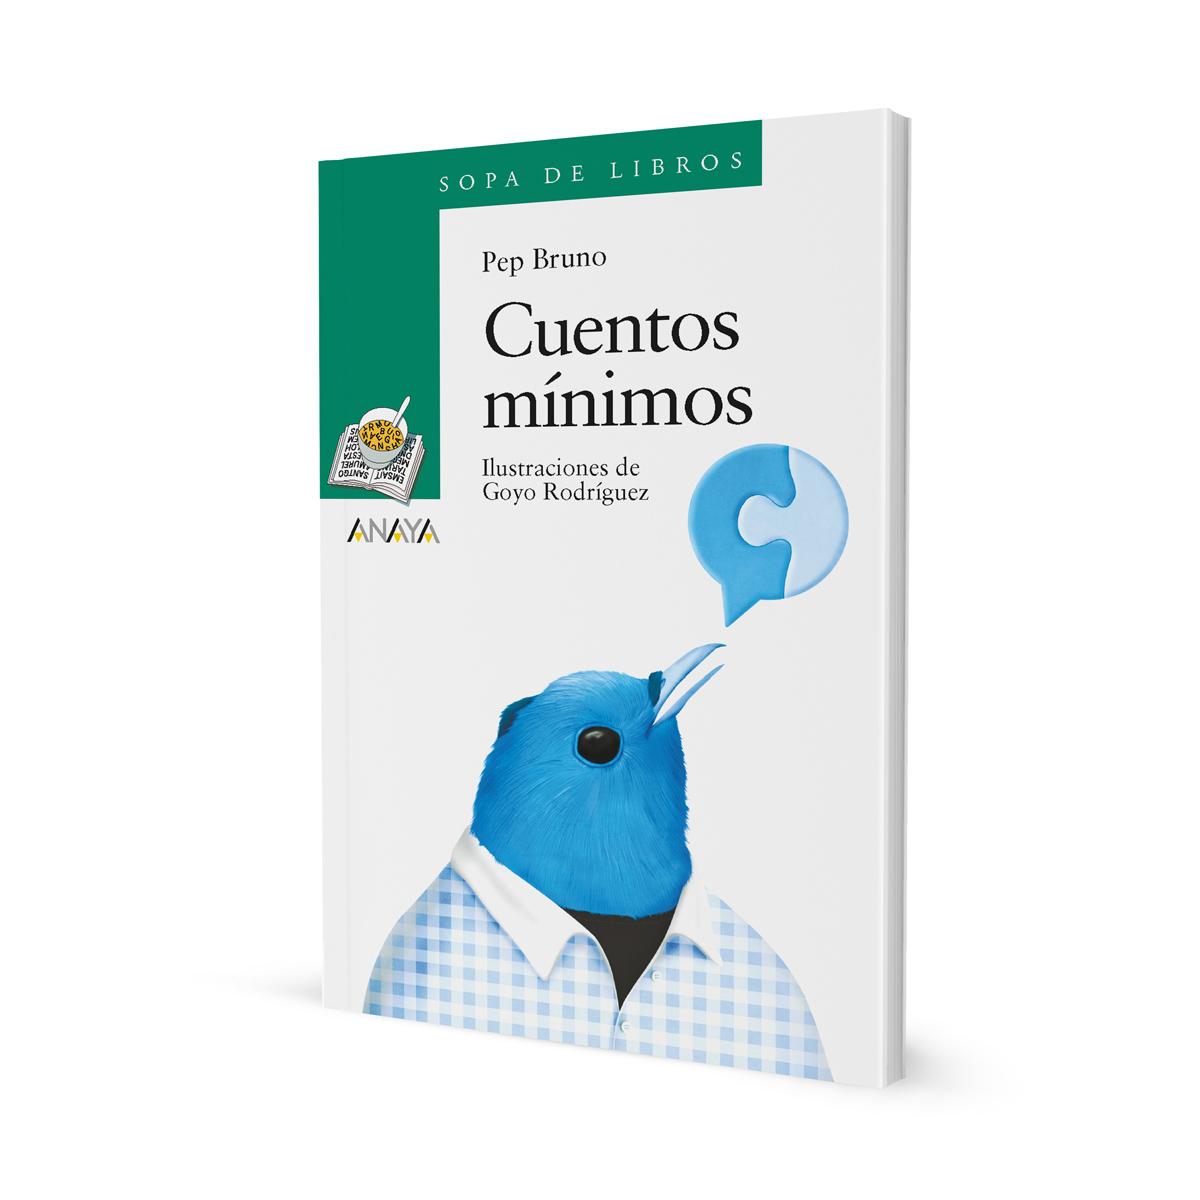 Cuentos mínimos, portada. Libros infantiles ilustrados por Goyo Rodríguez.